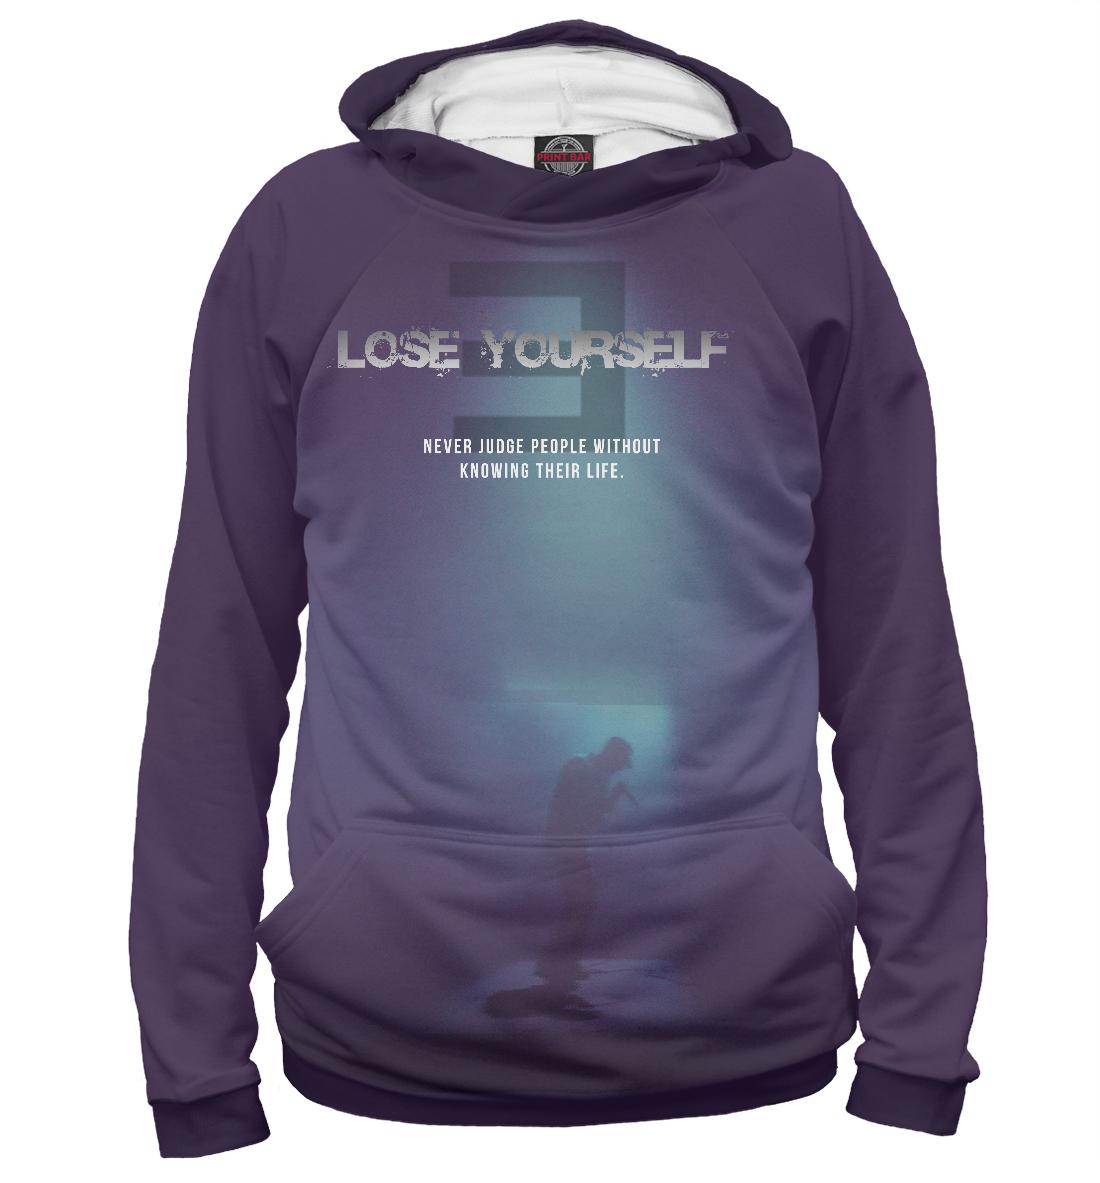 Купить Не осуждайте людей, не зная их жизни (Lose Yourself), Printbar, Худи, EMI-909590-hud-1